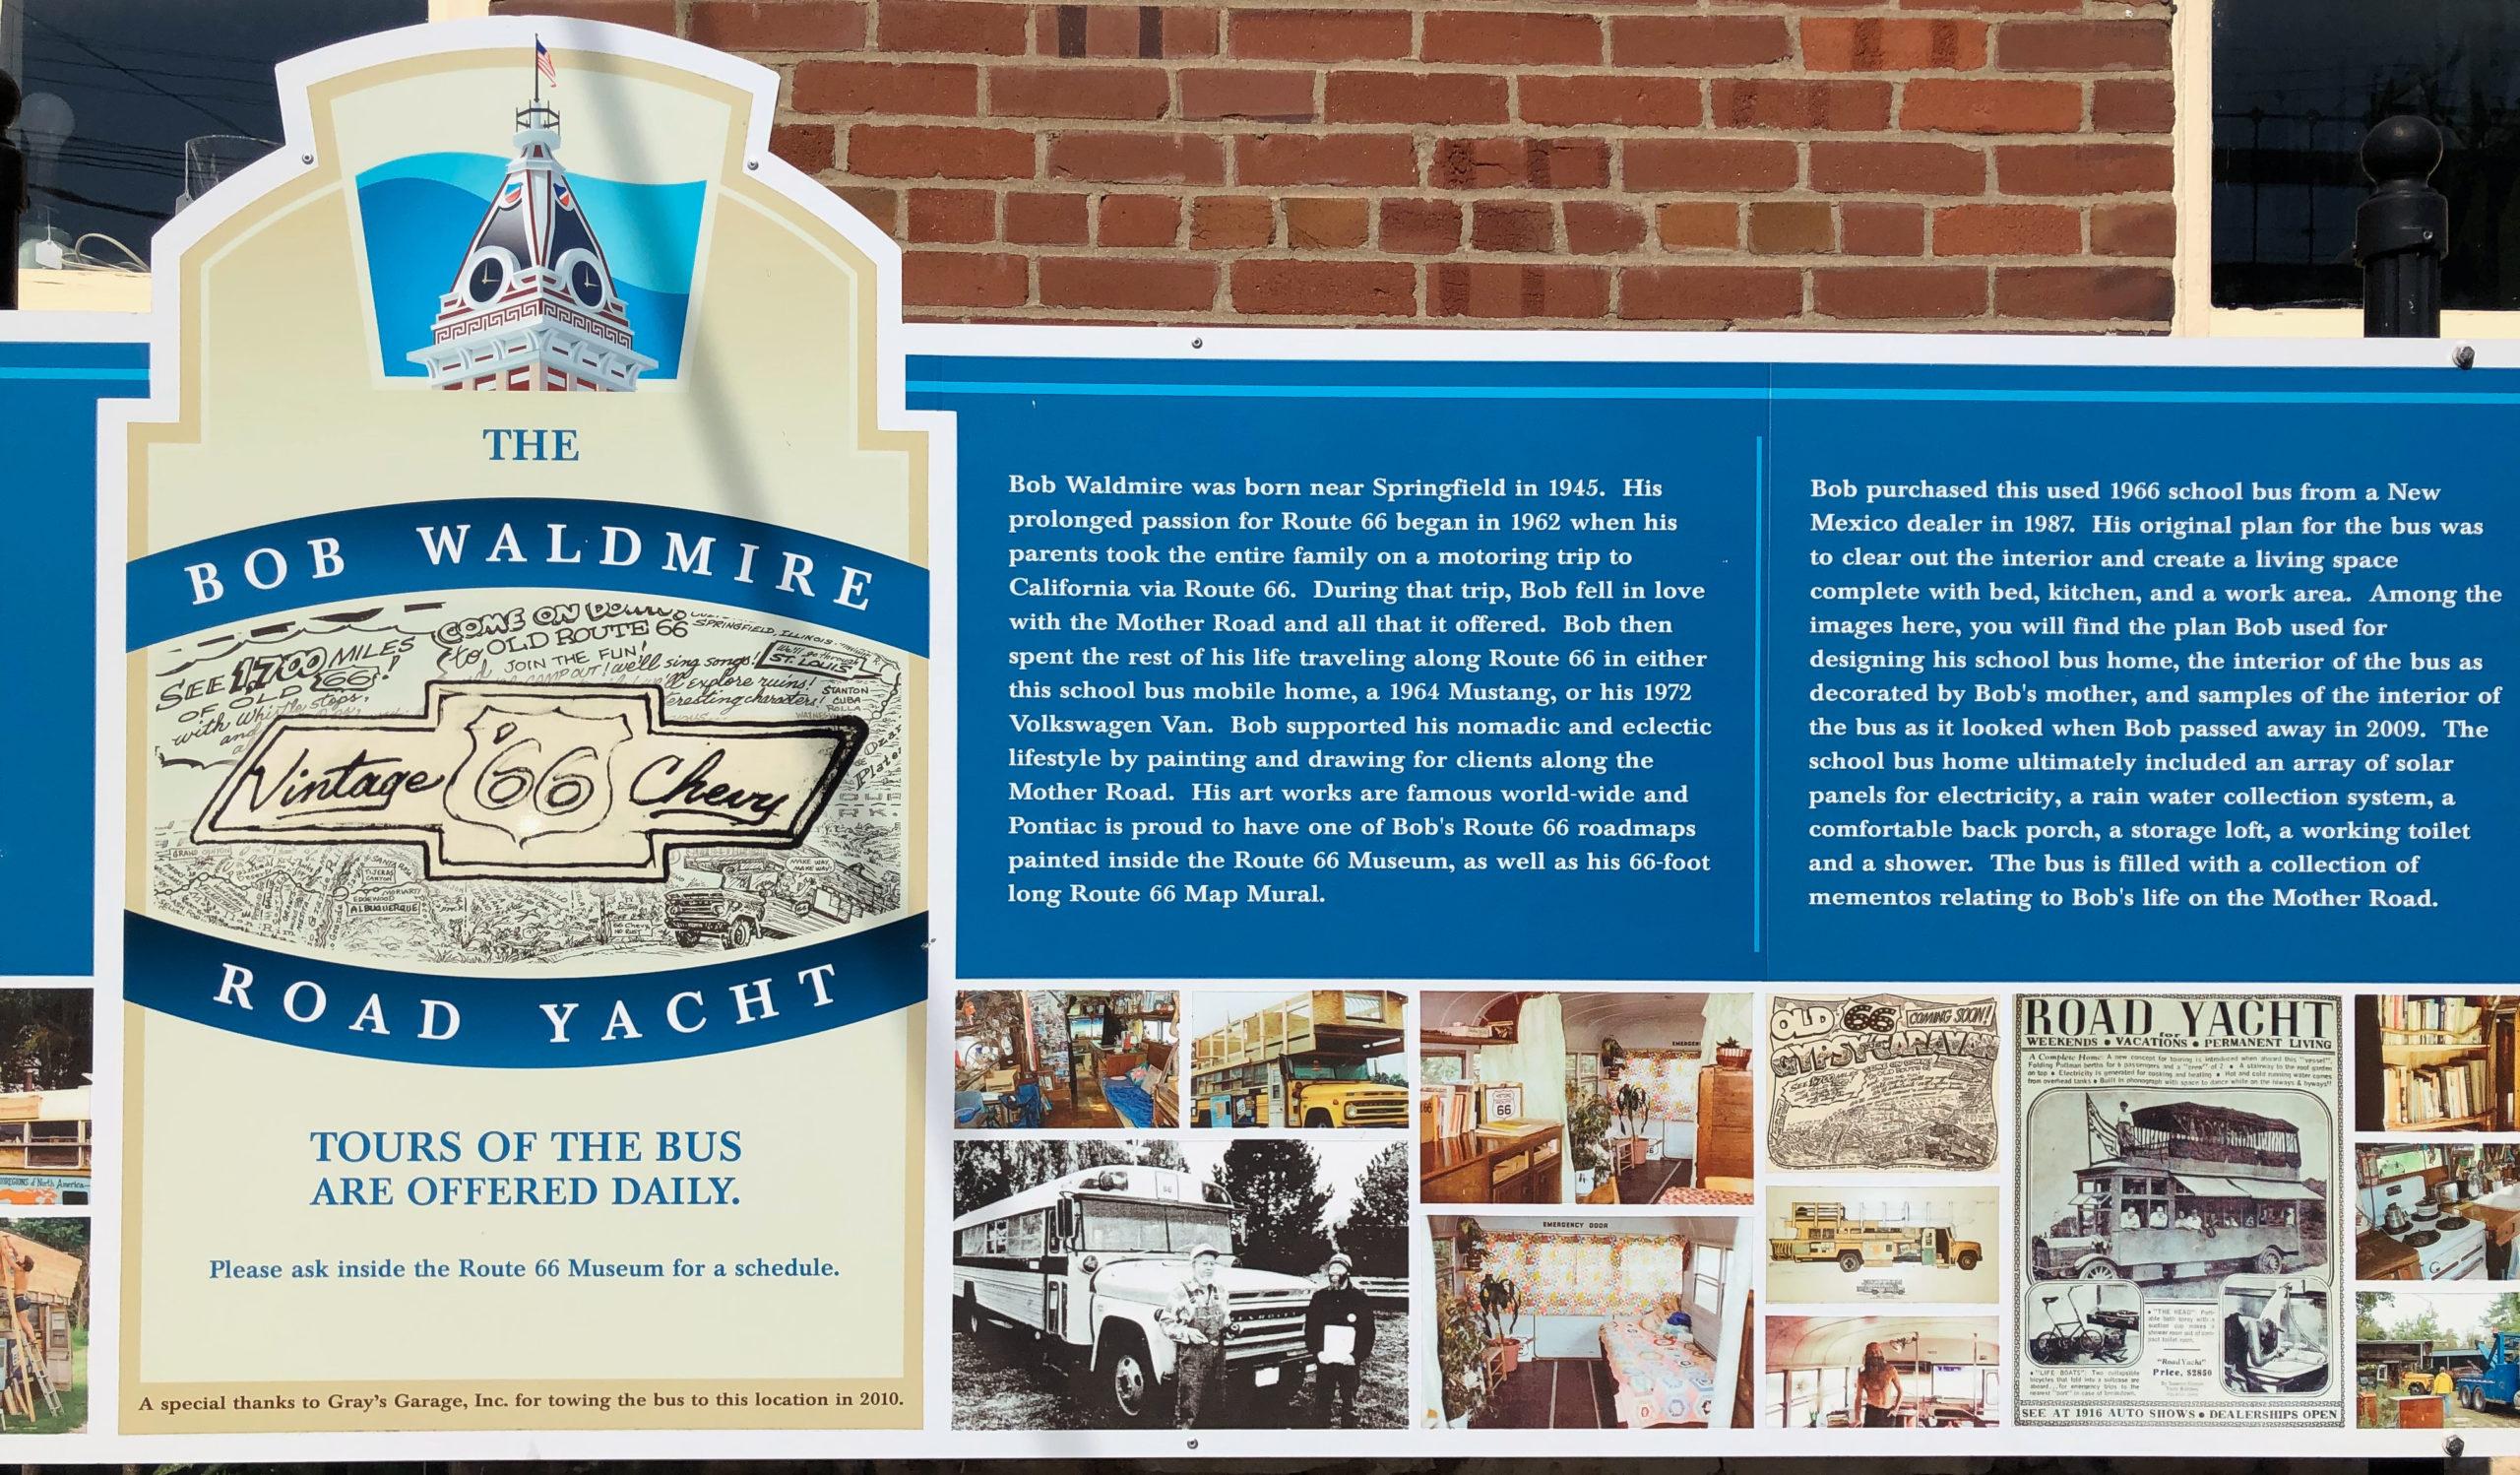 Der ippie Bob Waldmire und seine Road Yacht wird von der Route 66 Association of Illinois betreut